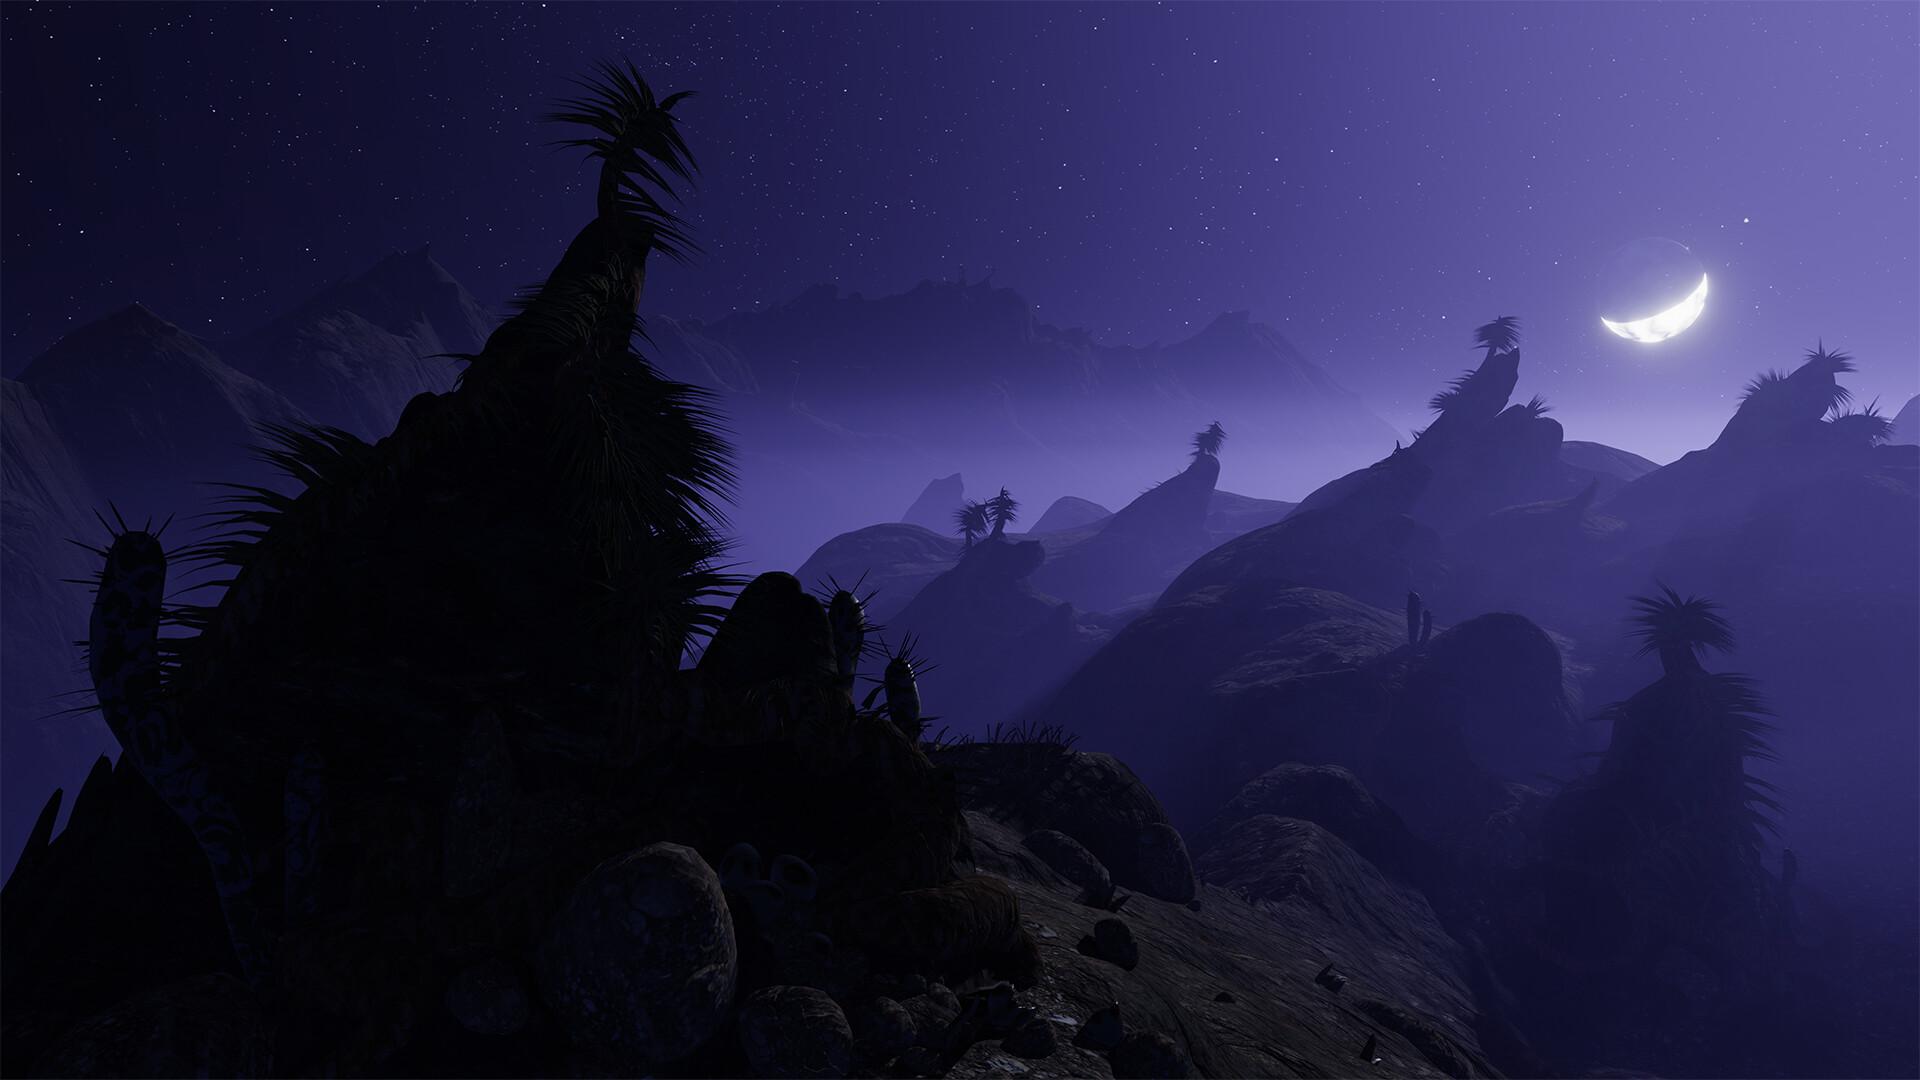 Martin jencka mountainnight